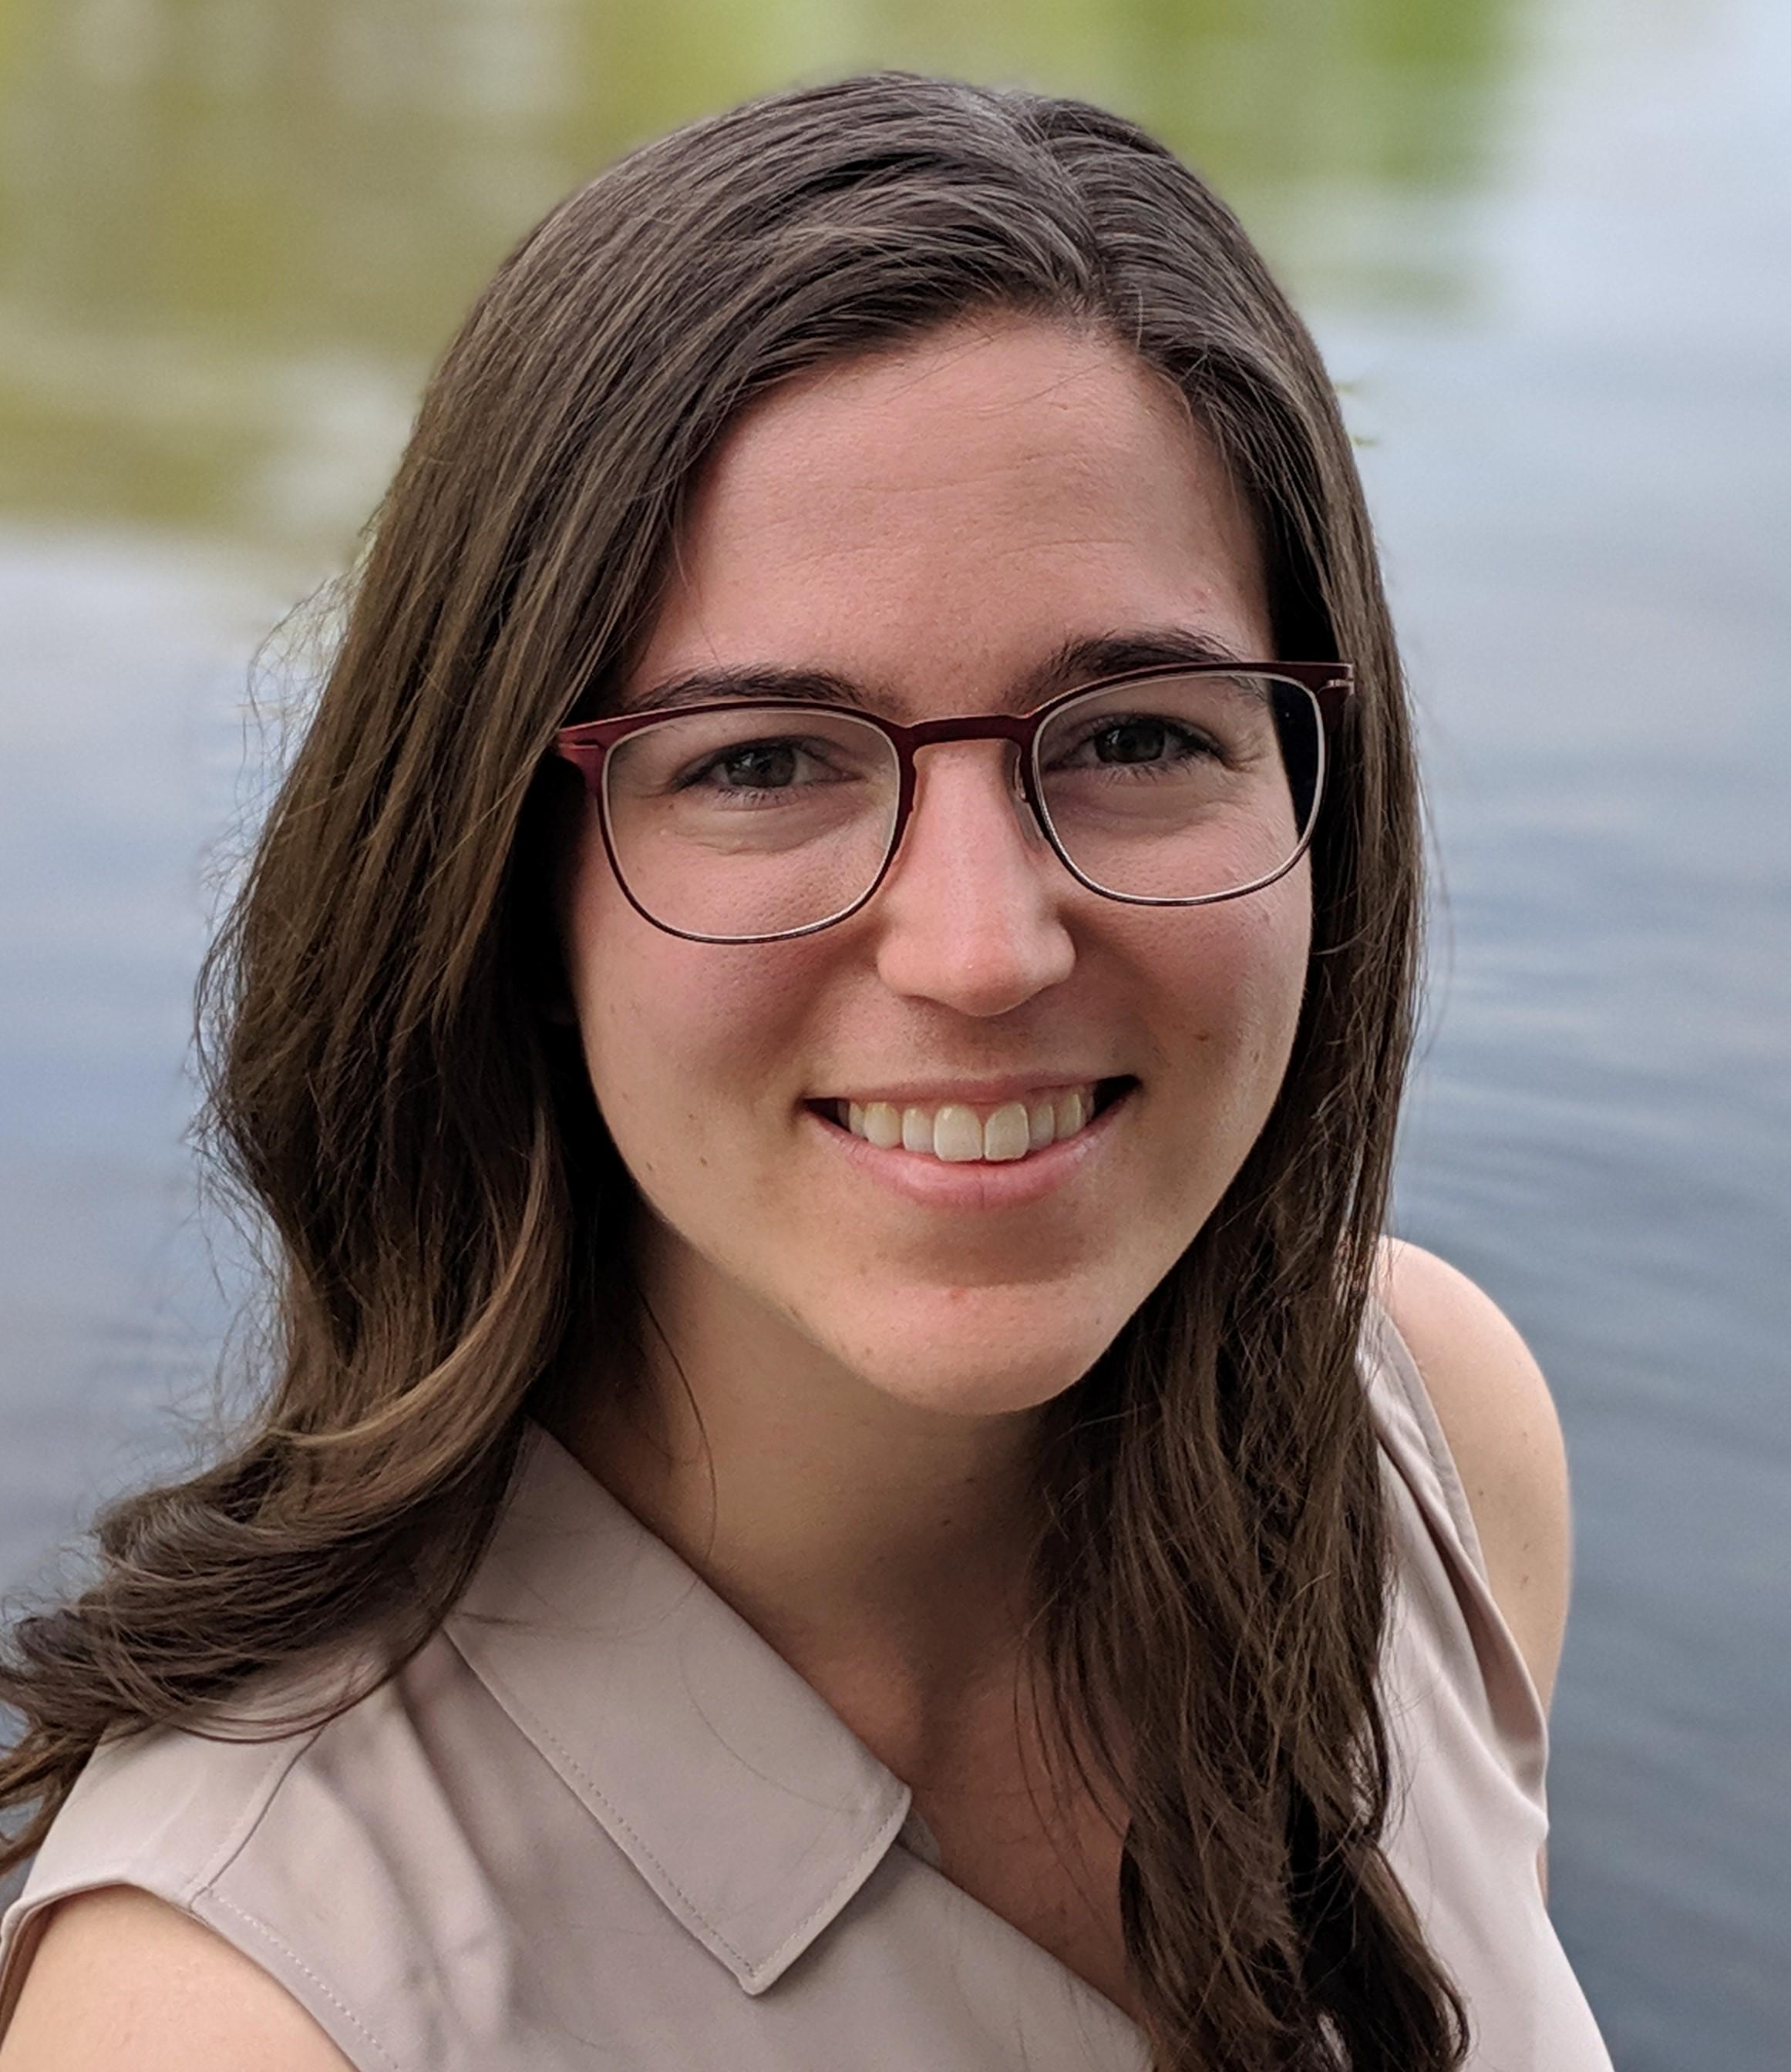 Charlotte Riordon